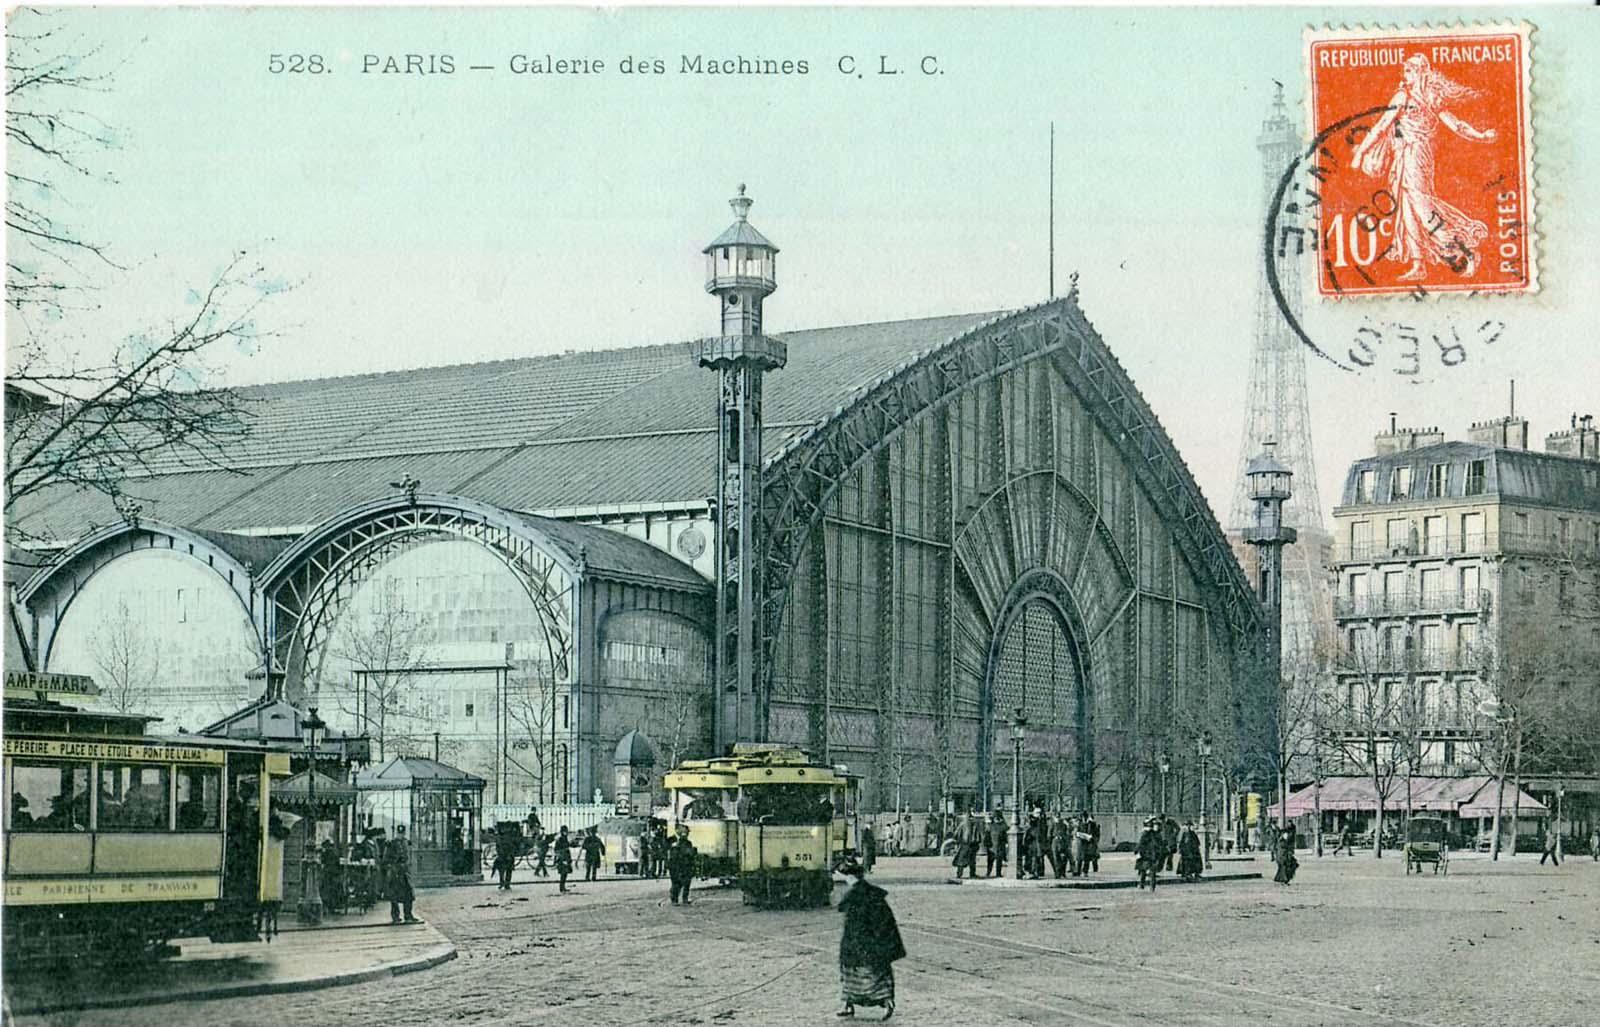 La Galerie des Machines. 1899.